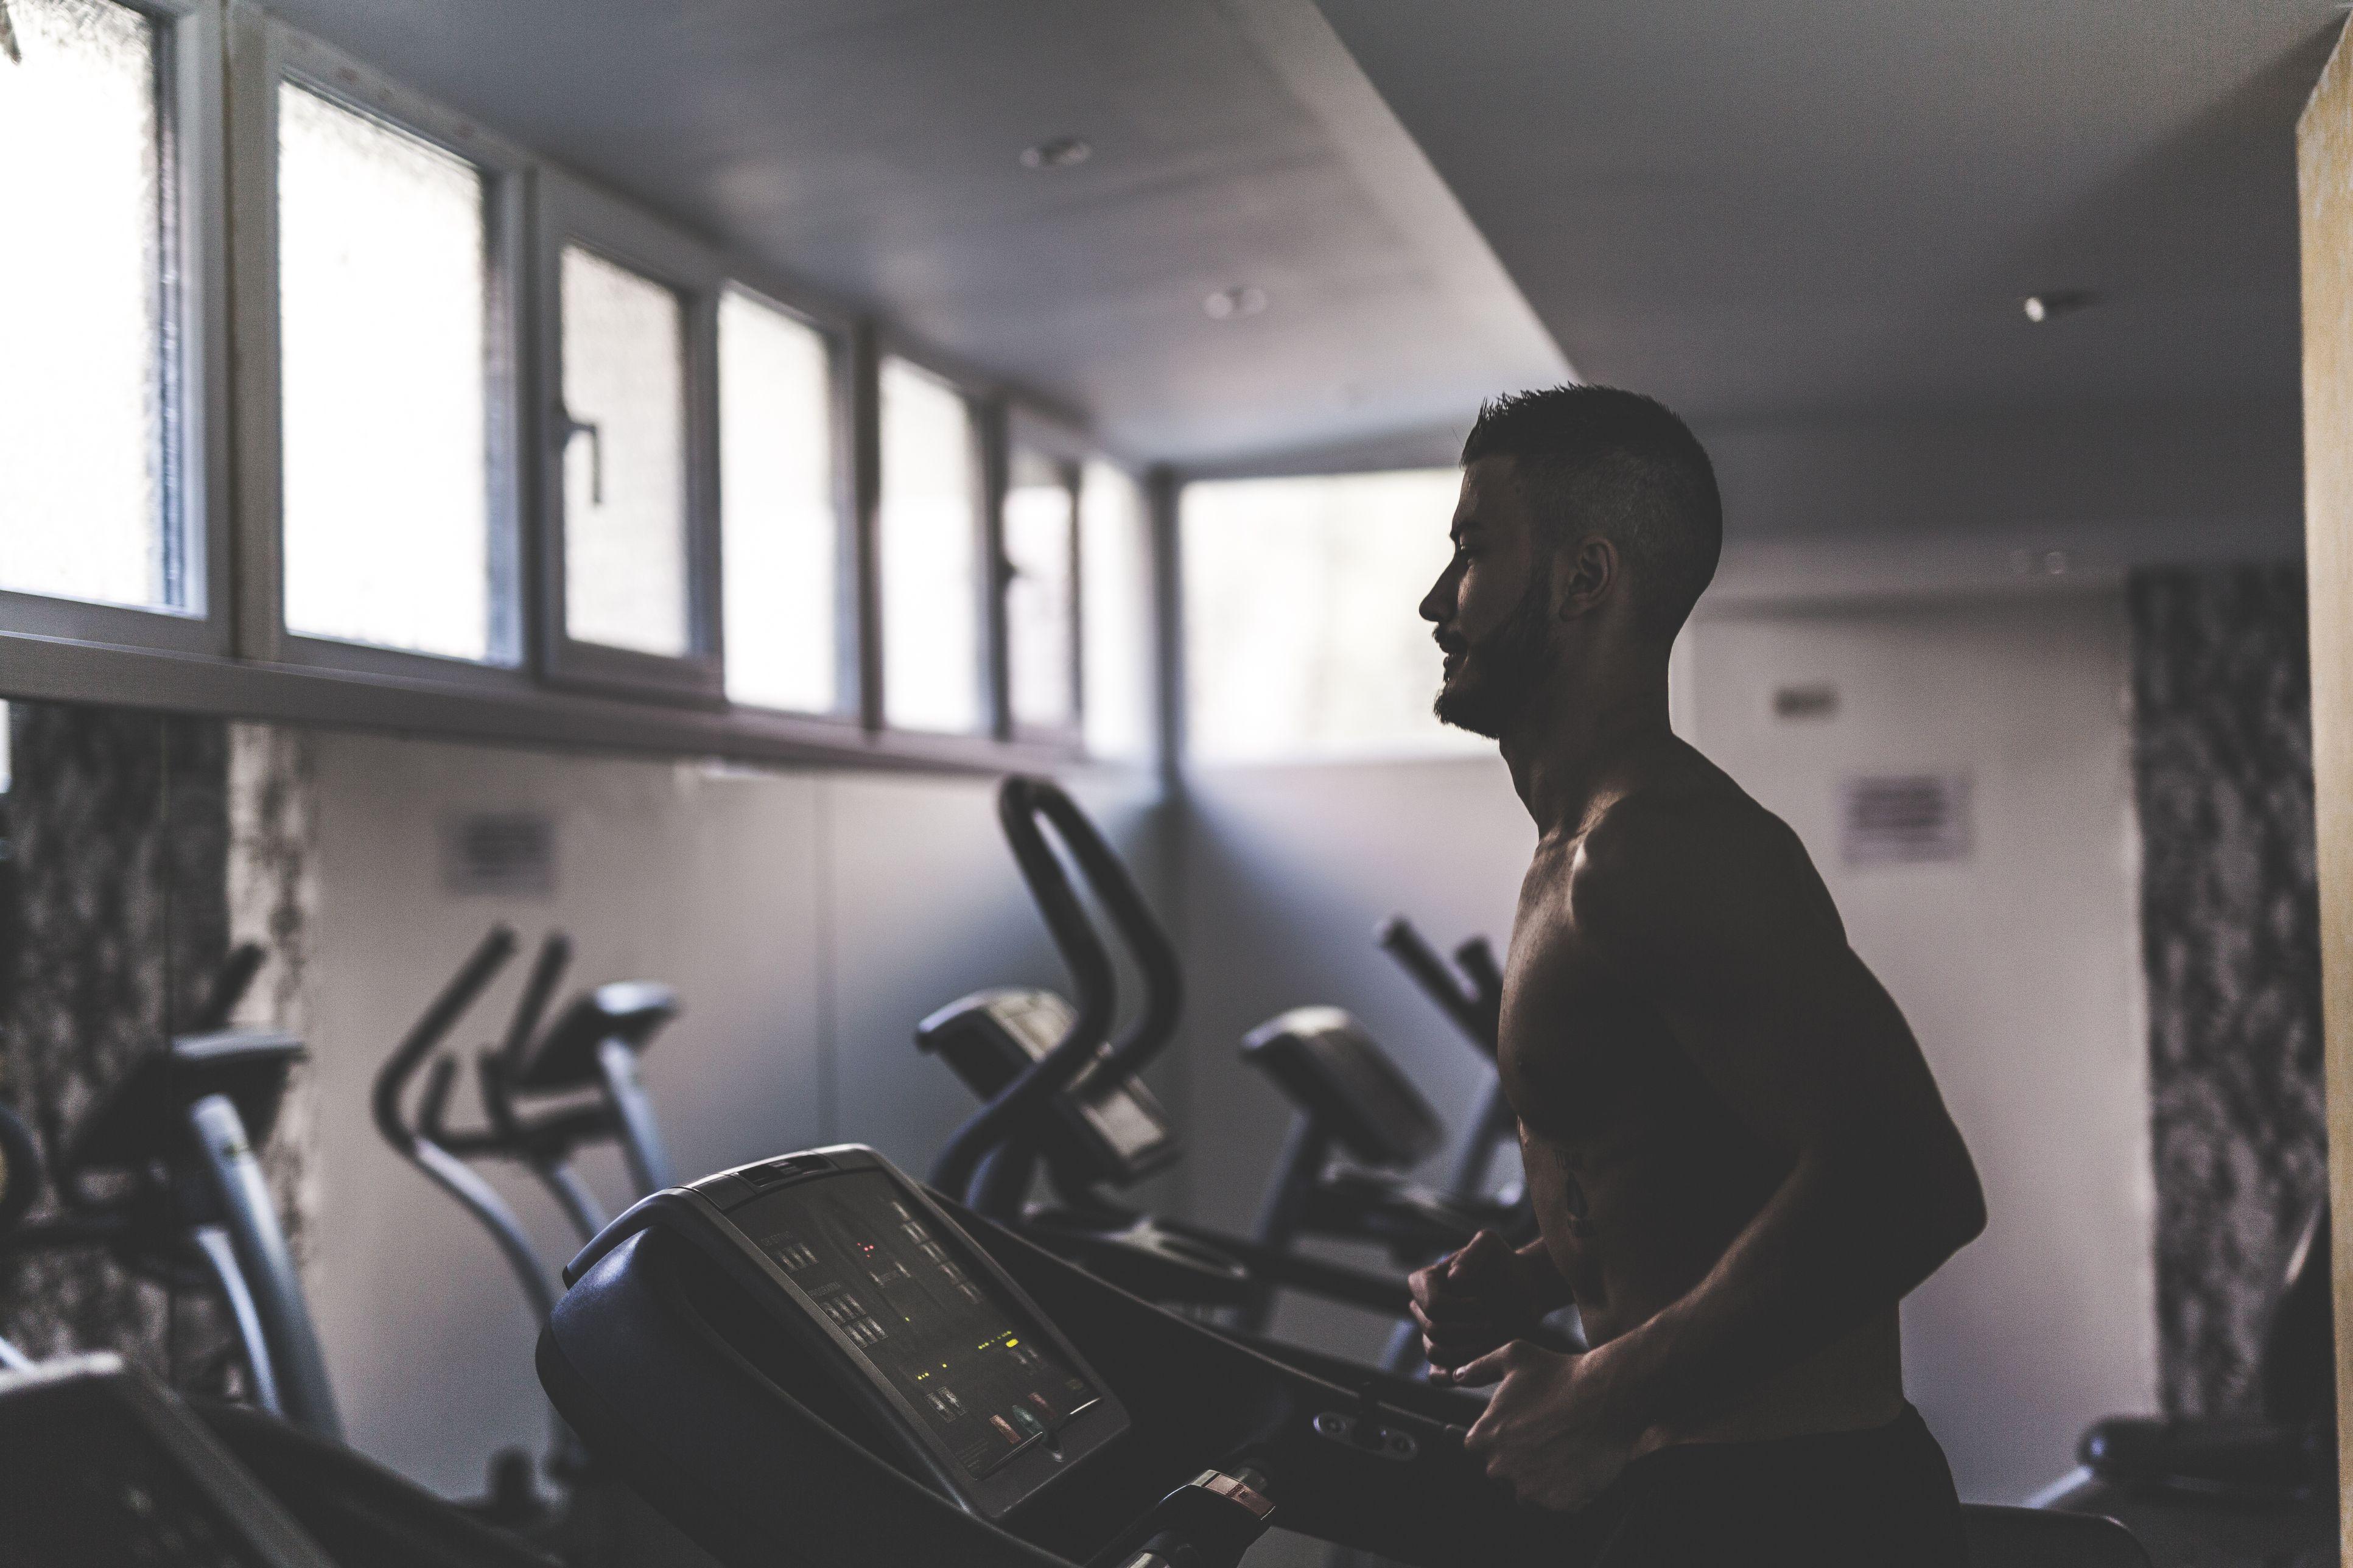 Running on the treademill